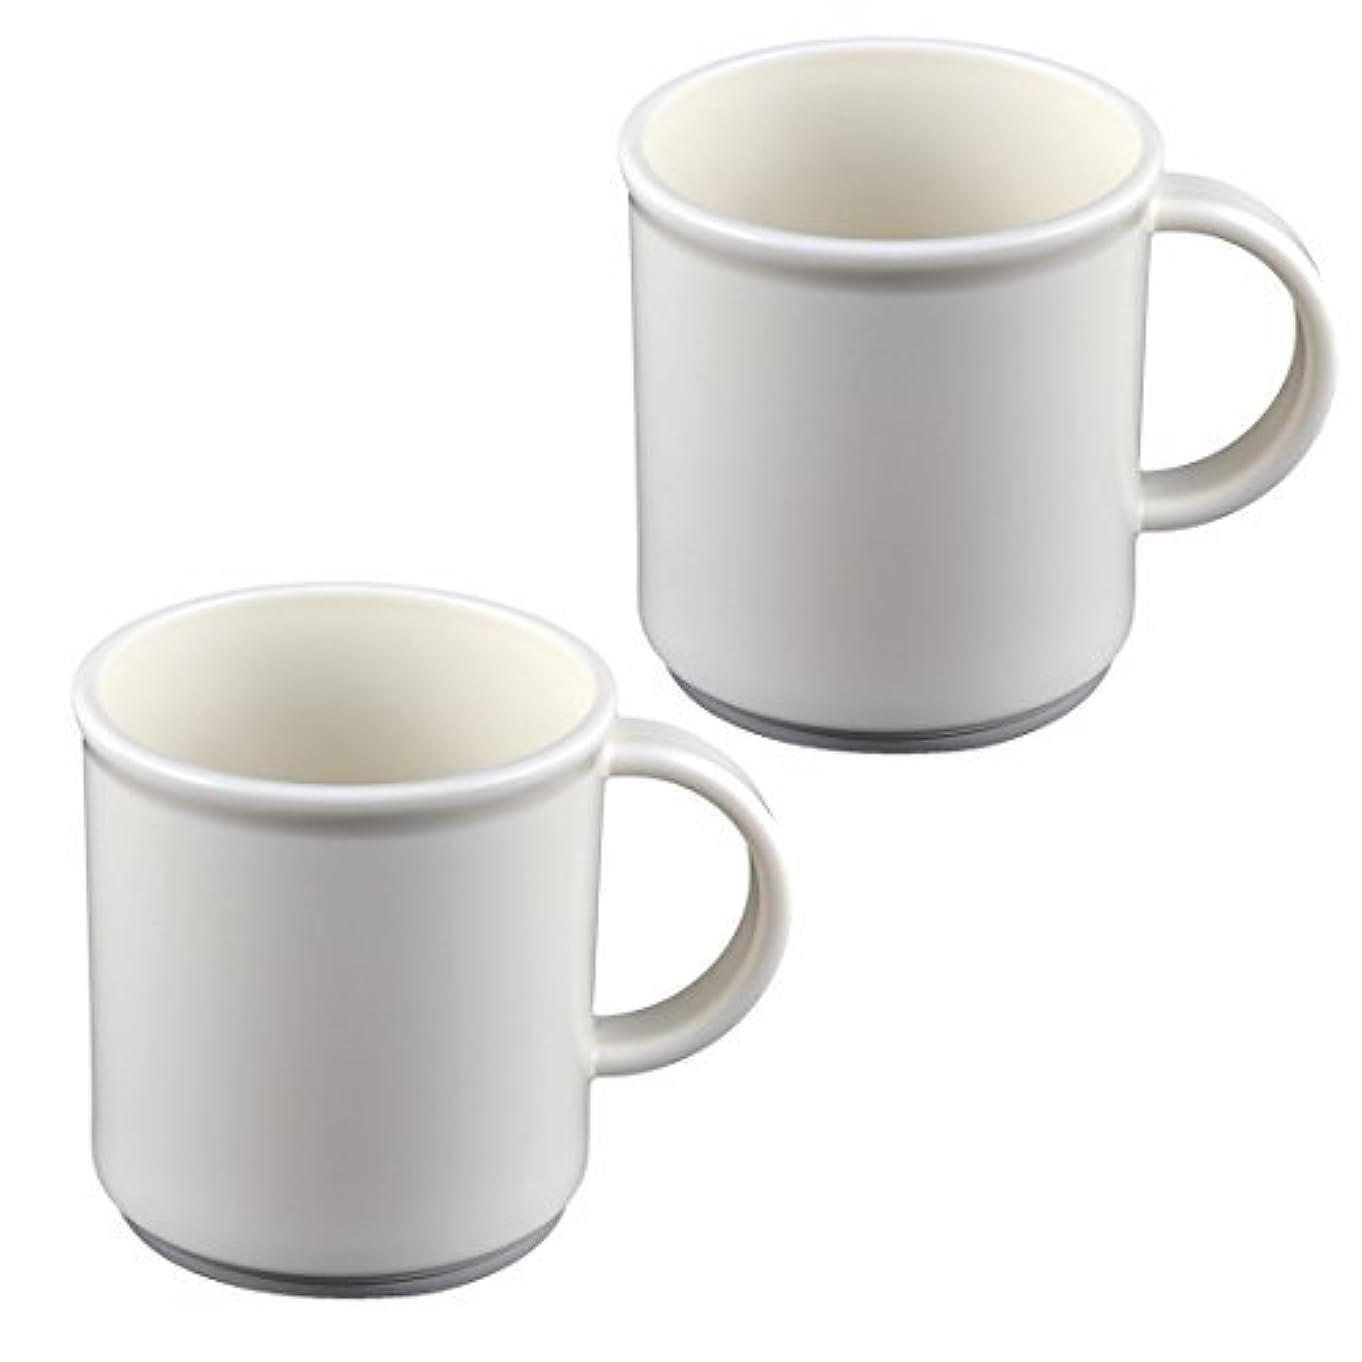 送る団結するインセンティブDealMuxバスアクセサリーブラシカップ歯ブラシ歯磨き粉ホルダー2個ホワイト